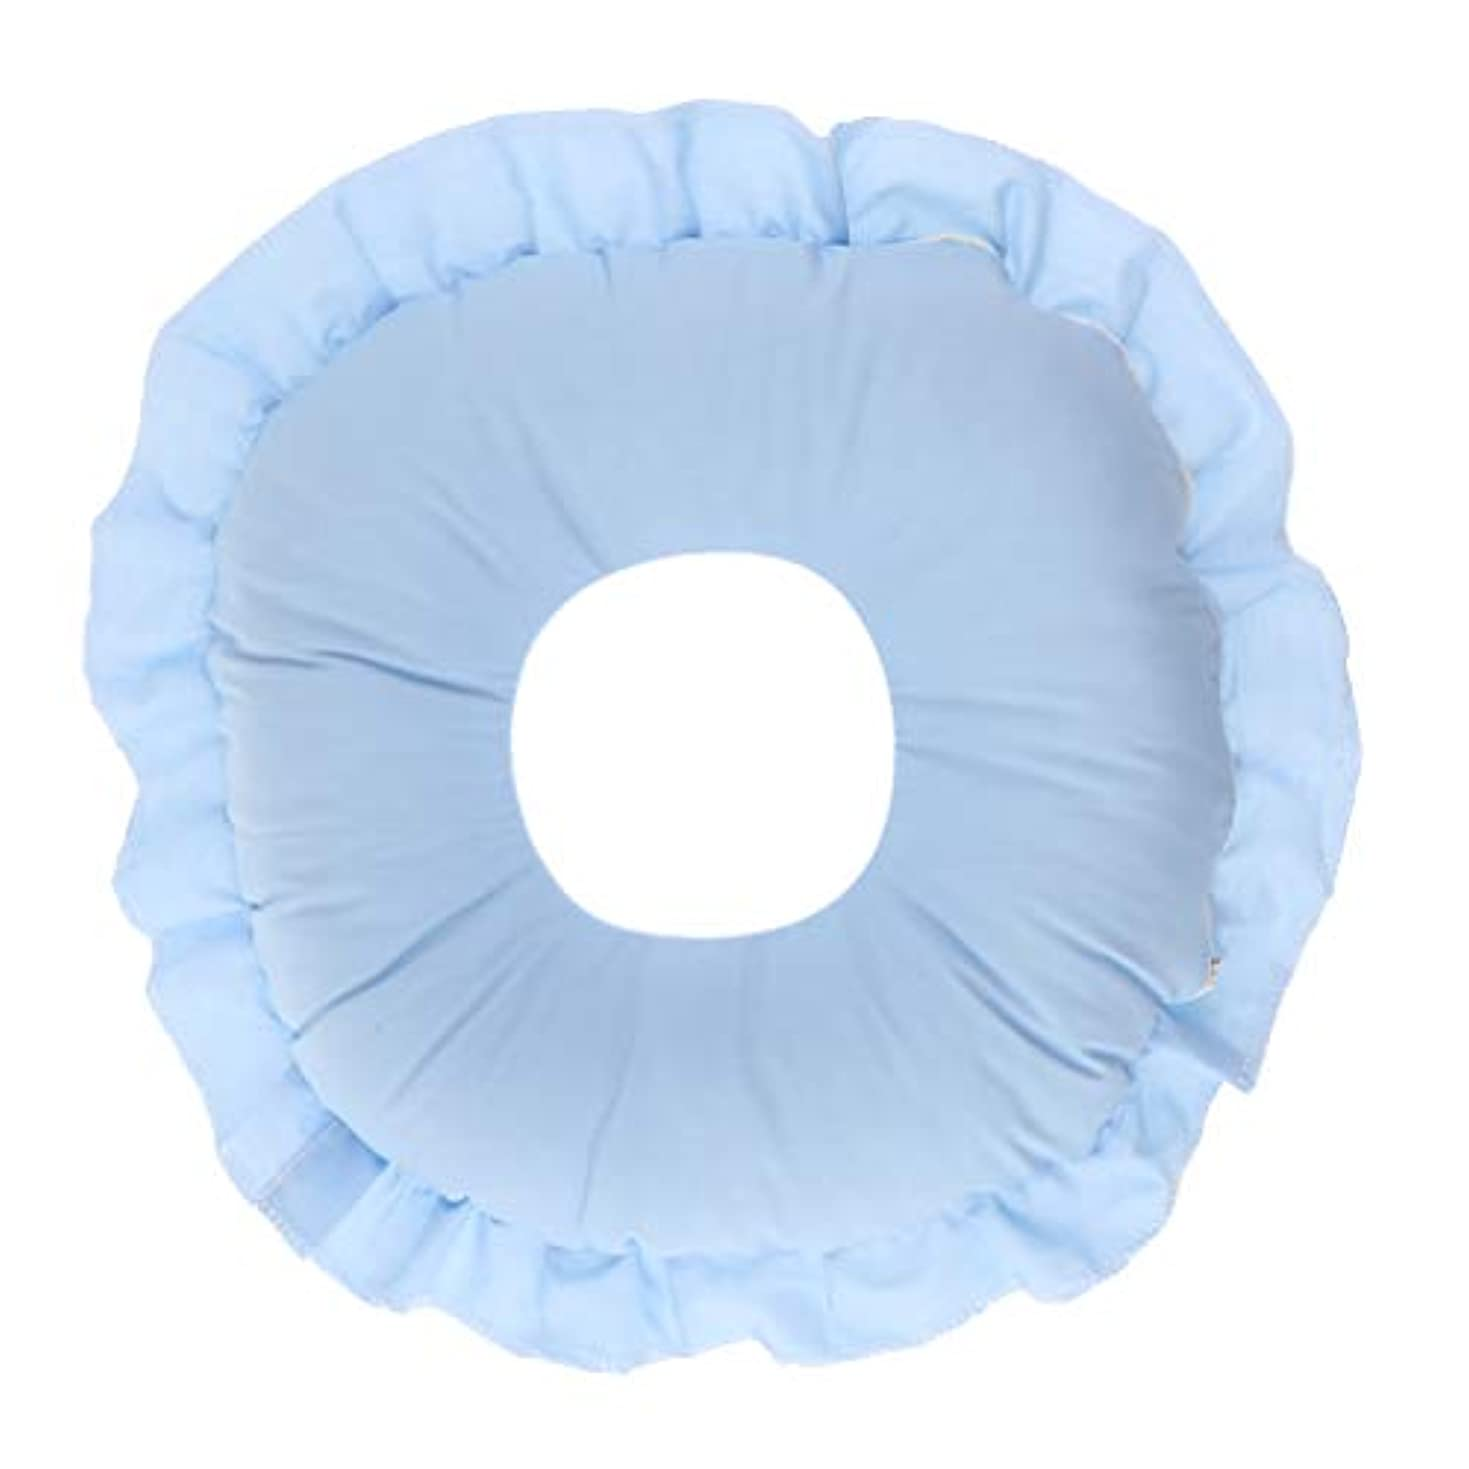 すごいレンチ利得フェイスピロー 顔枕 マッサージ枕 フェイスクッション ソフト 洗えるカバー 全3色 - 青